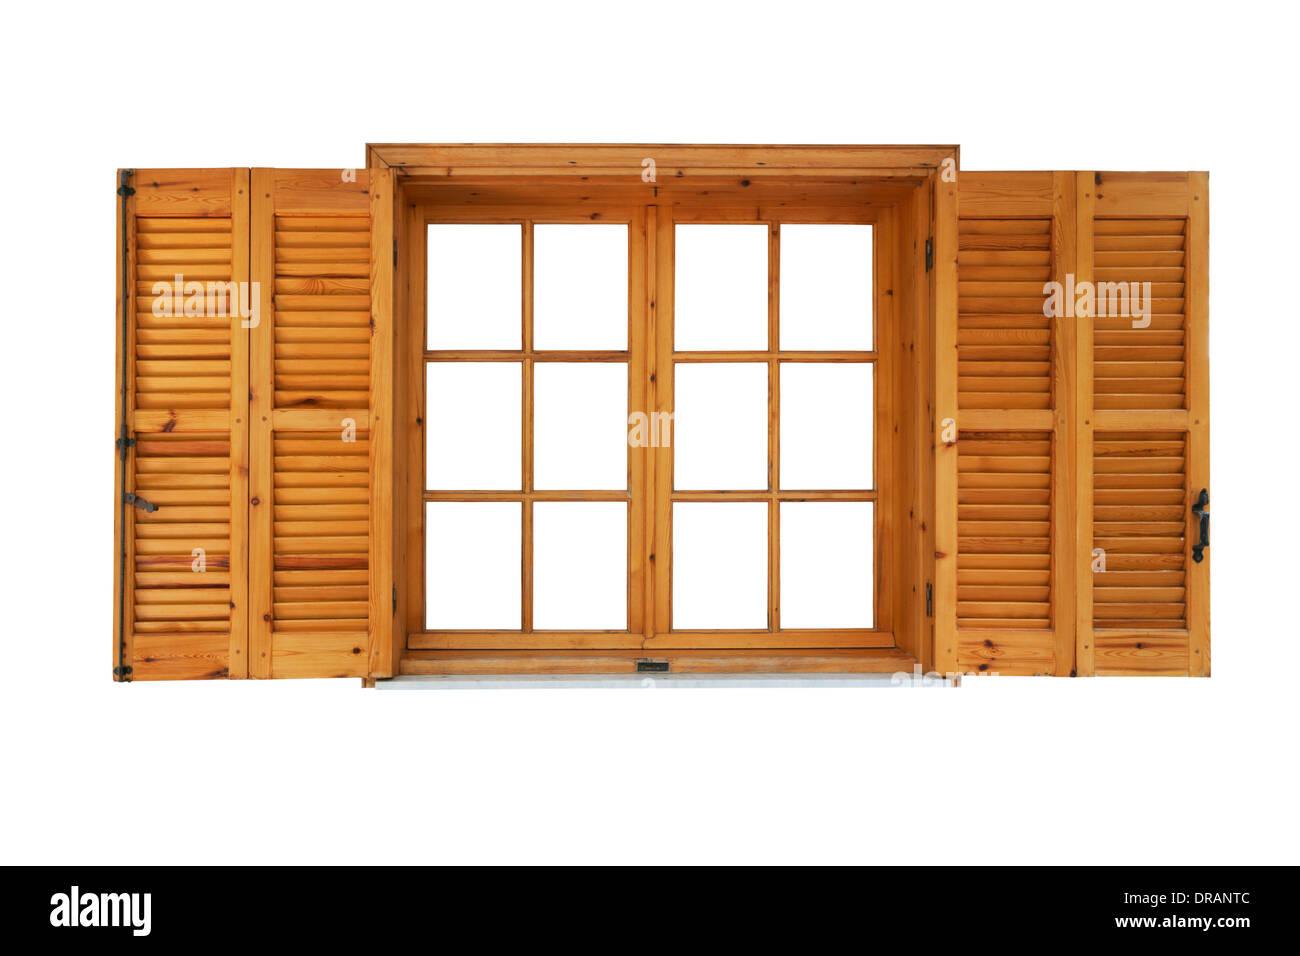 Finestra in legno con ante aperte sul lato esterno isolato su sfondo bianco Foto Stock